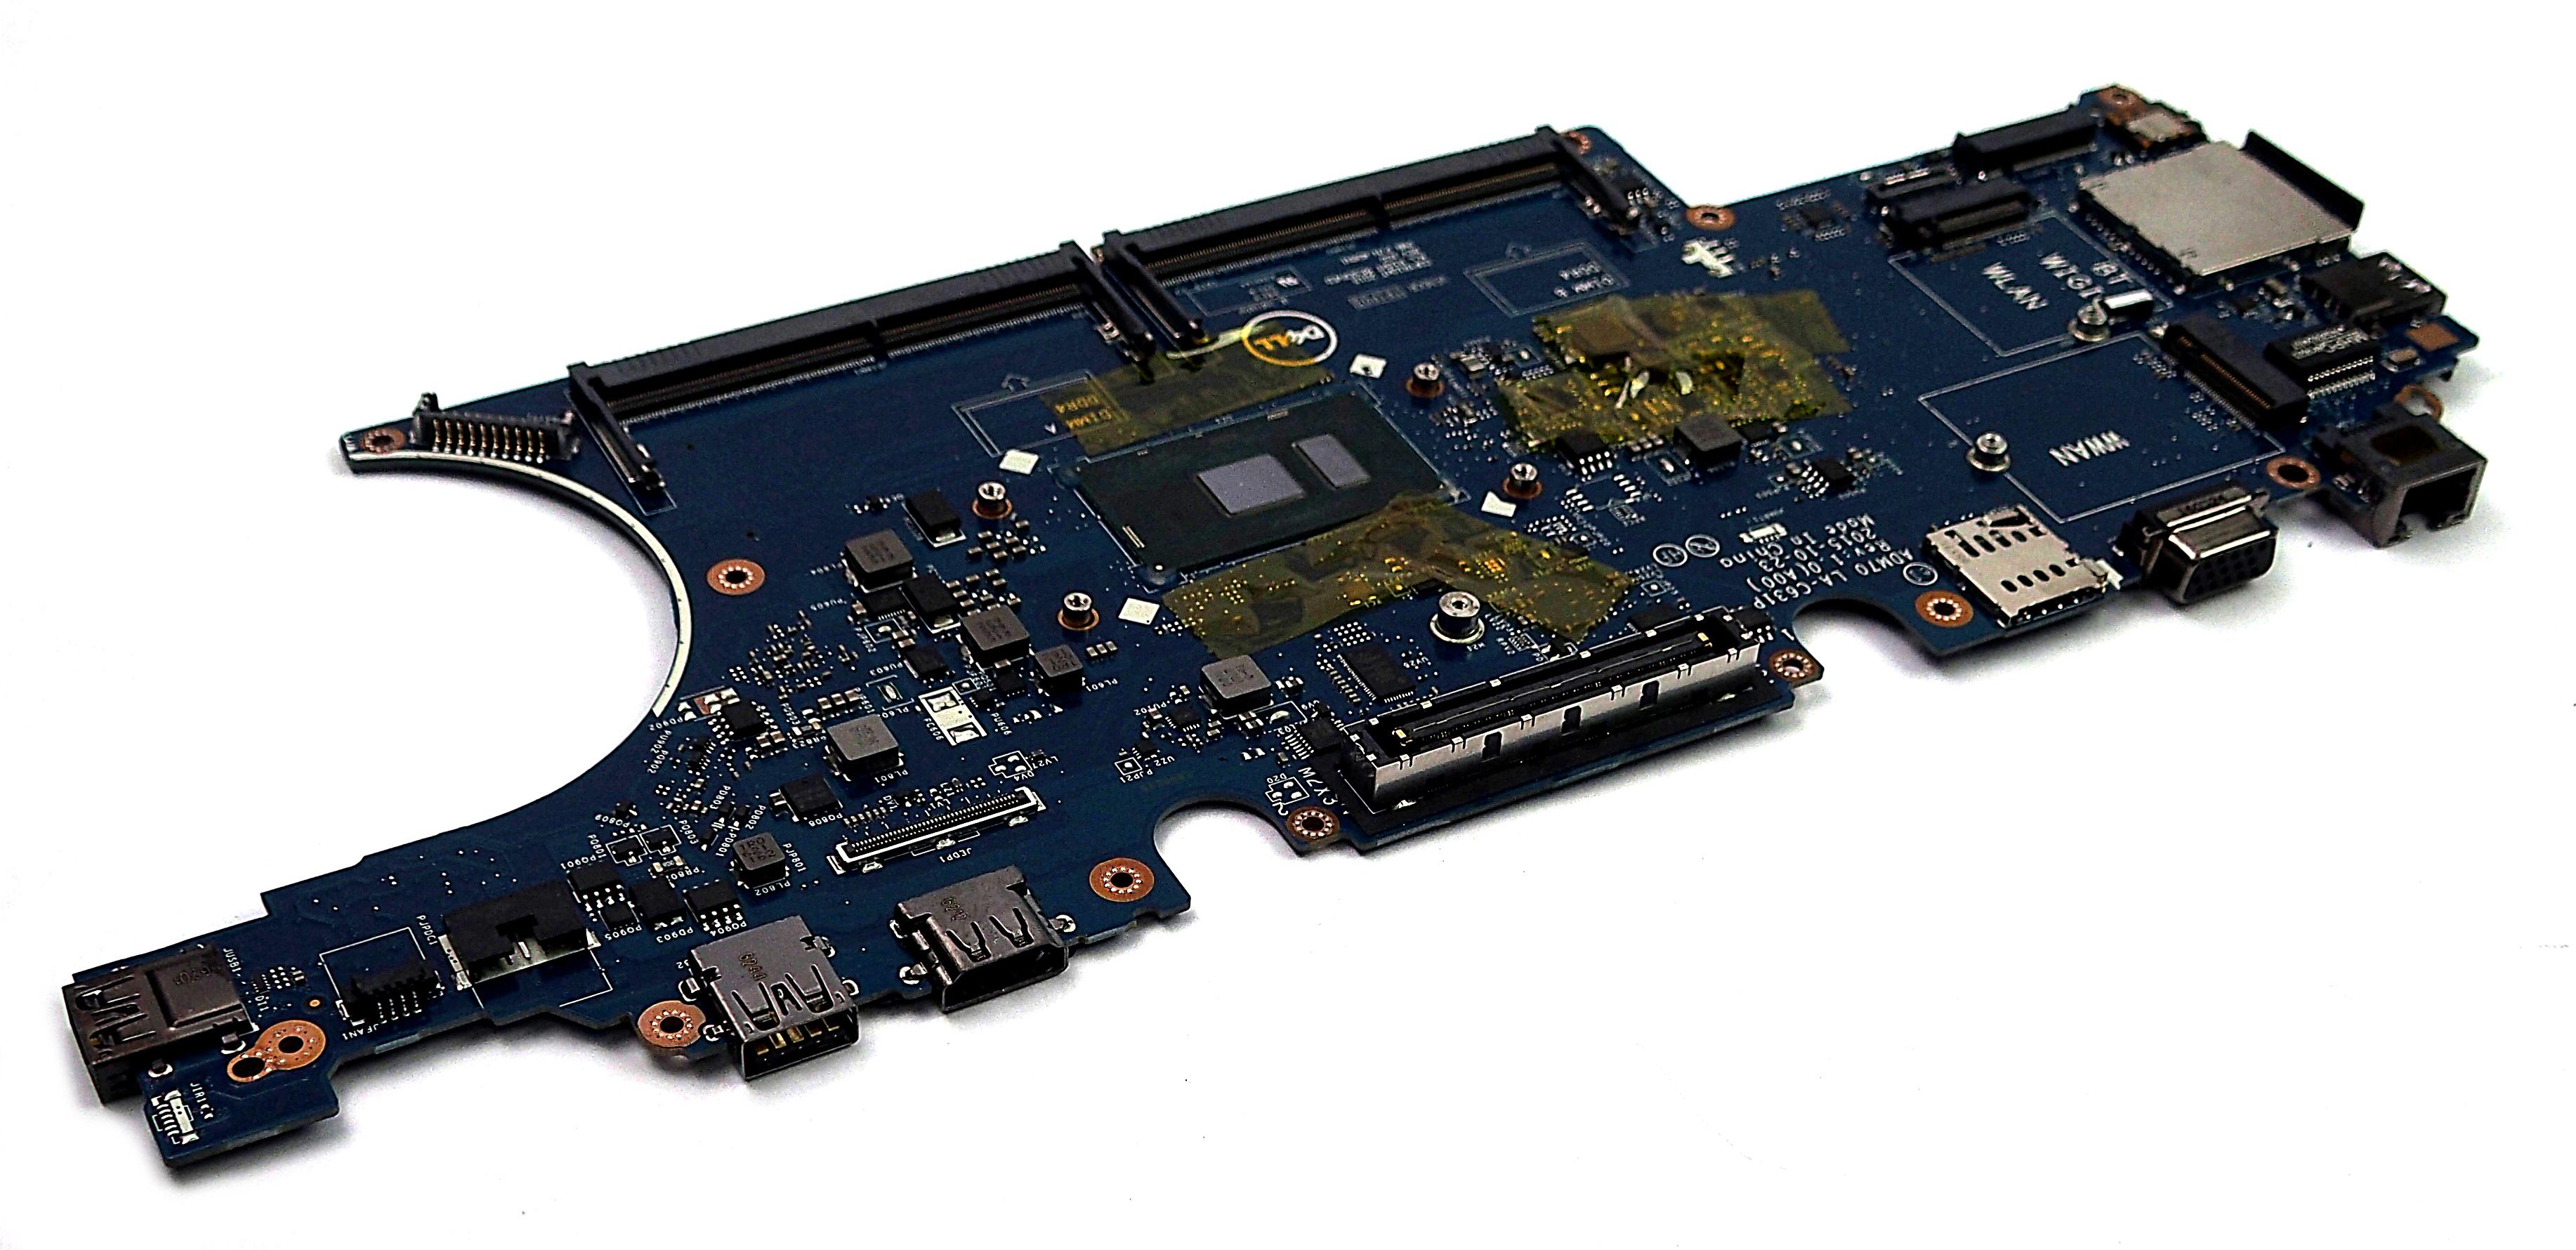 Dell 0VJ1G Latitude E5470 Motherboard with Intel Core i3-6100U BGA Processor